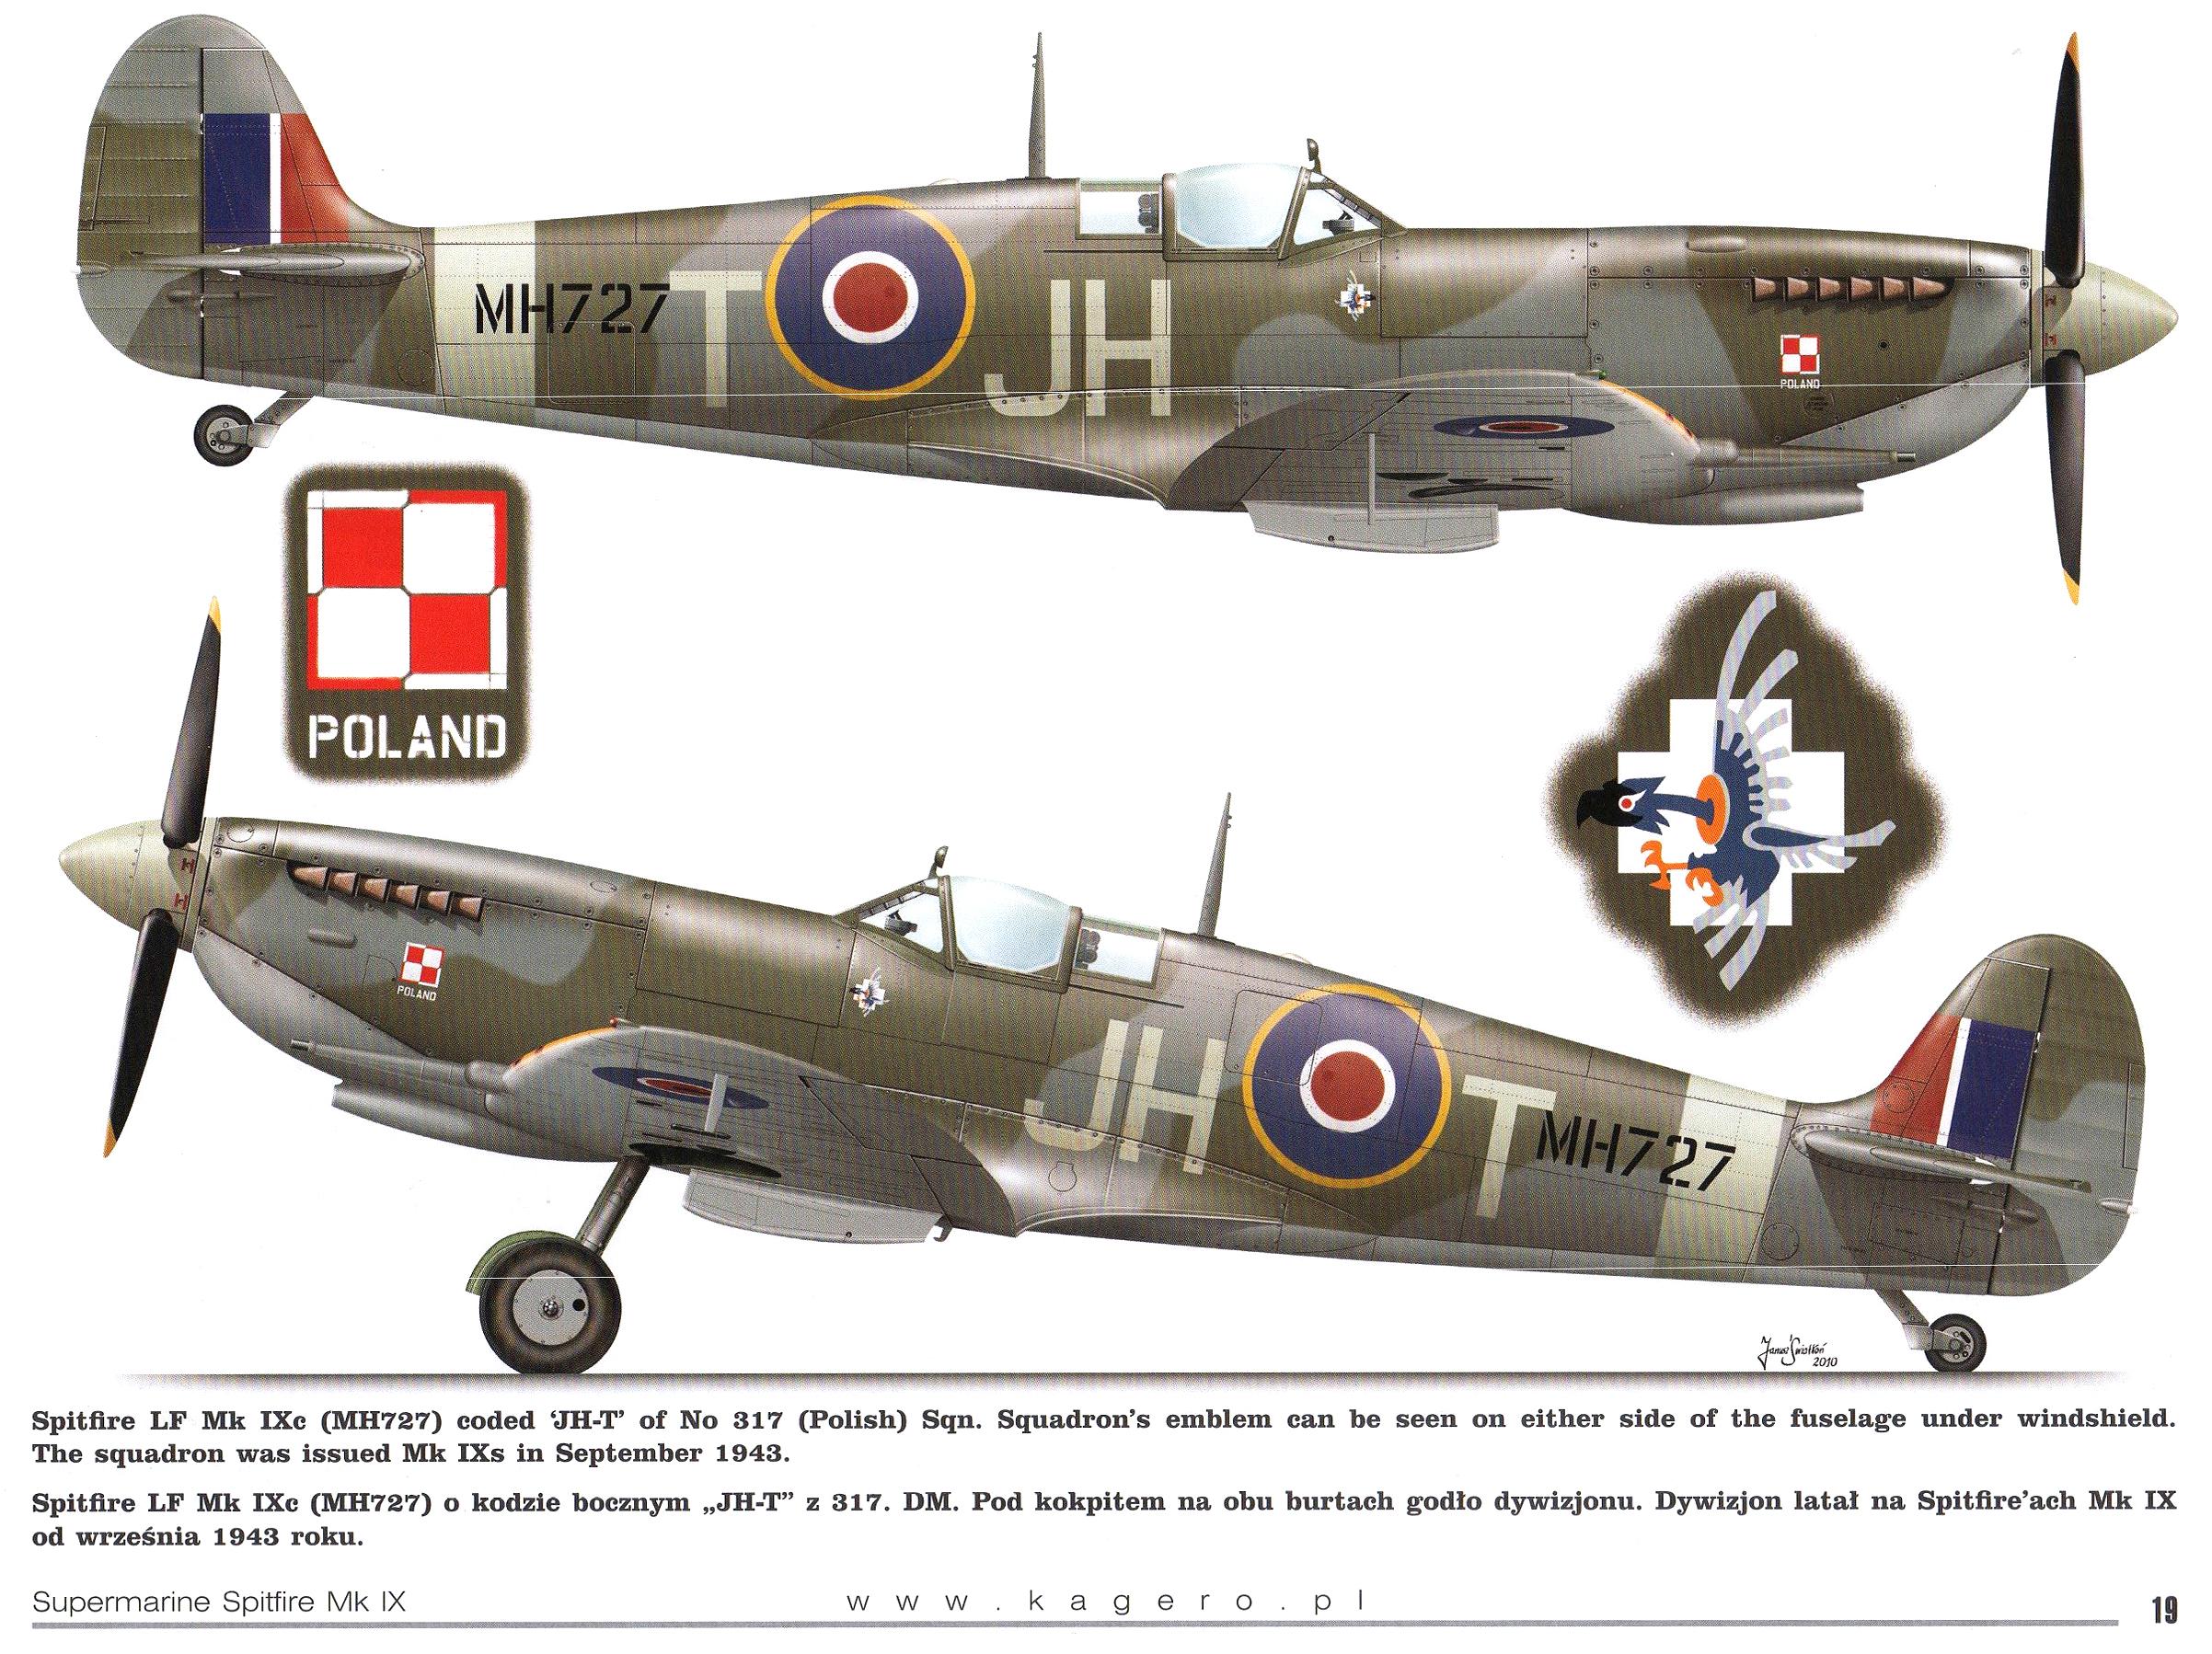 Spitfire LFIXc RAF 317Sqn JHT MH727 TC15015 Supermarine Spitfire MkIX Page 19